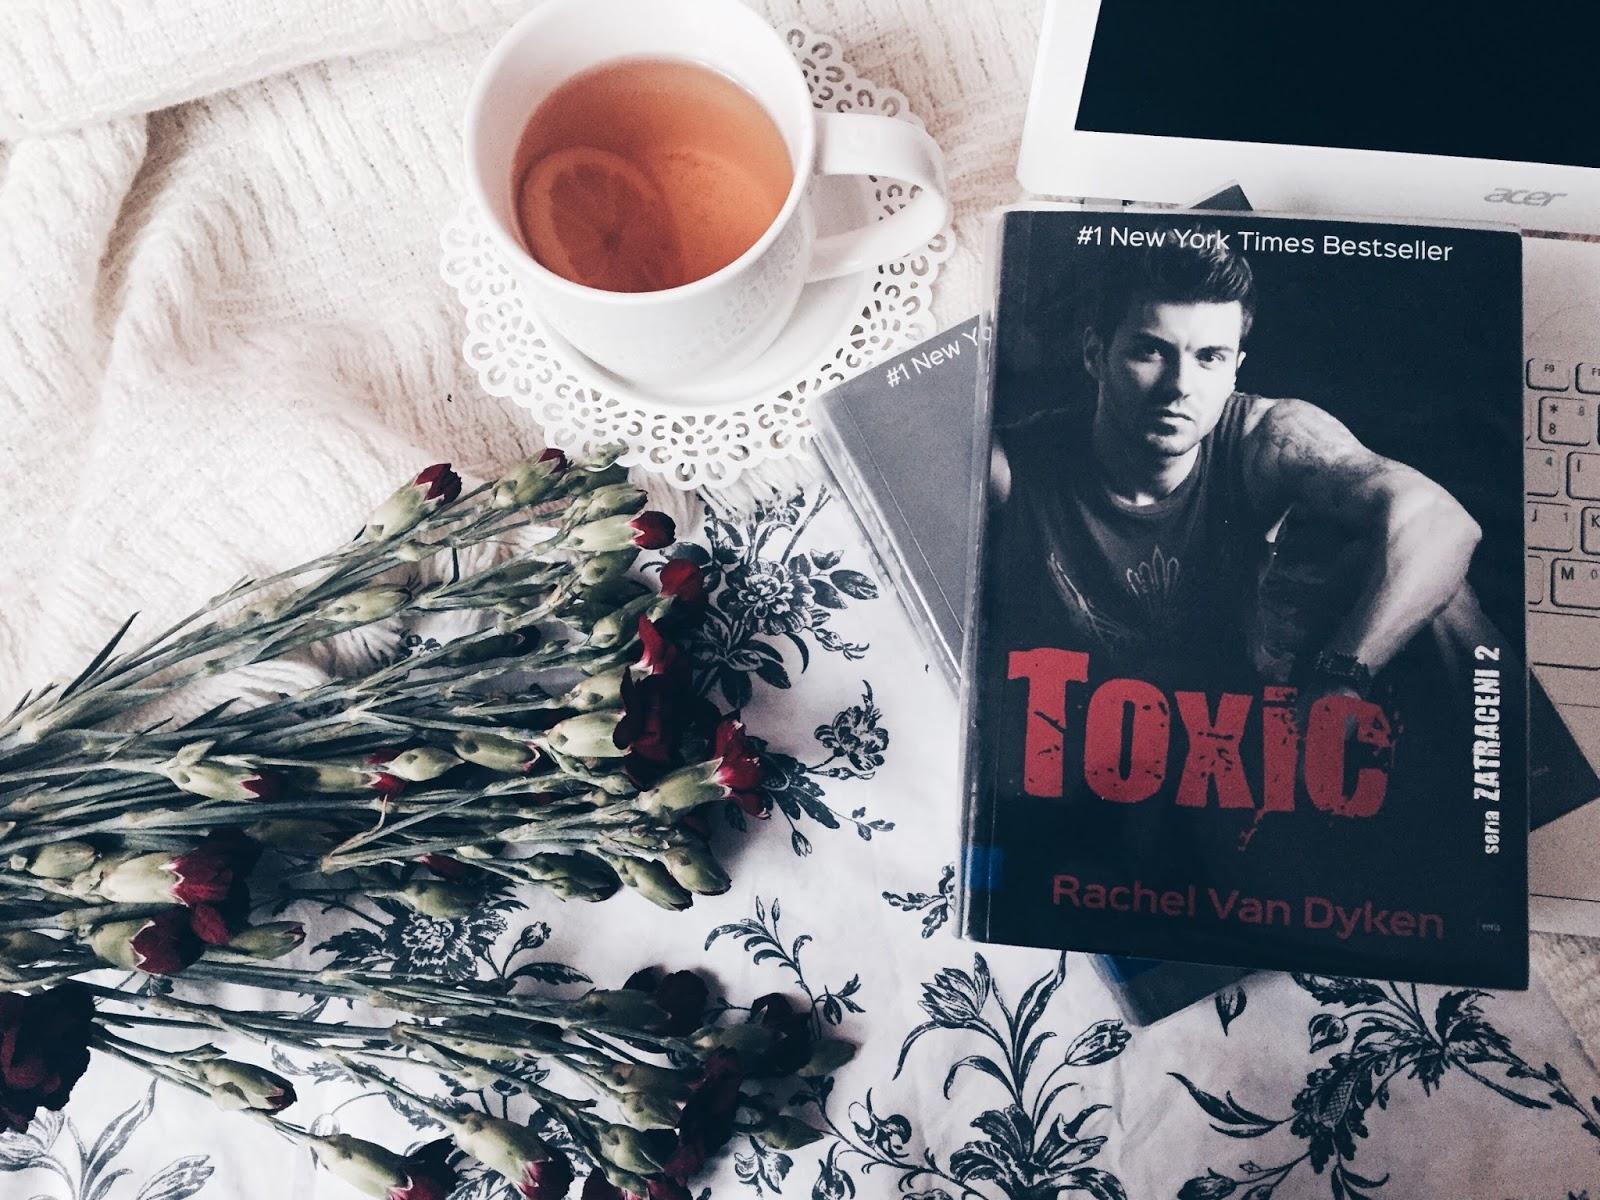 Toxic, Rachel van Dyken